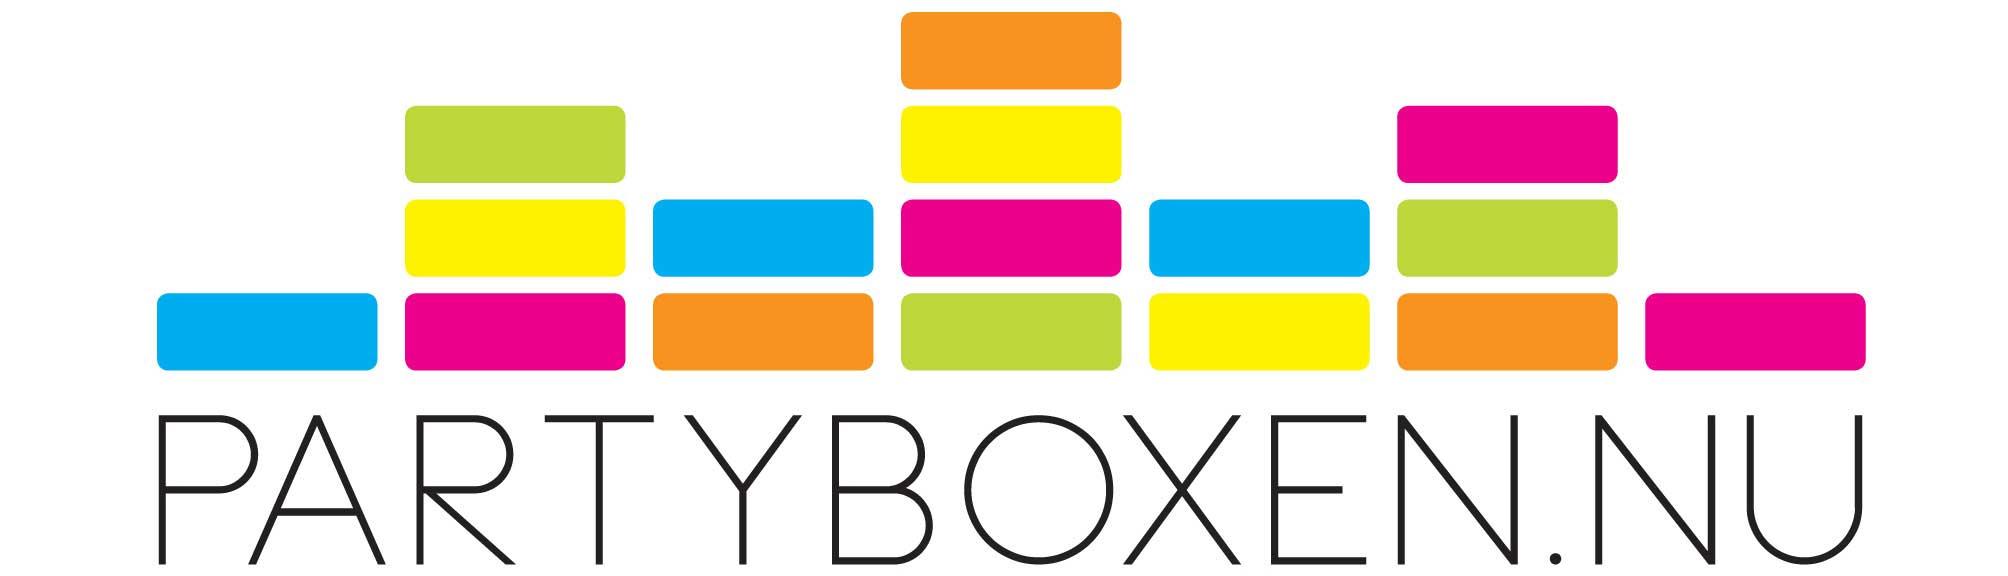 partyboxen